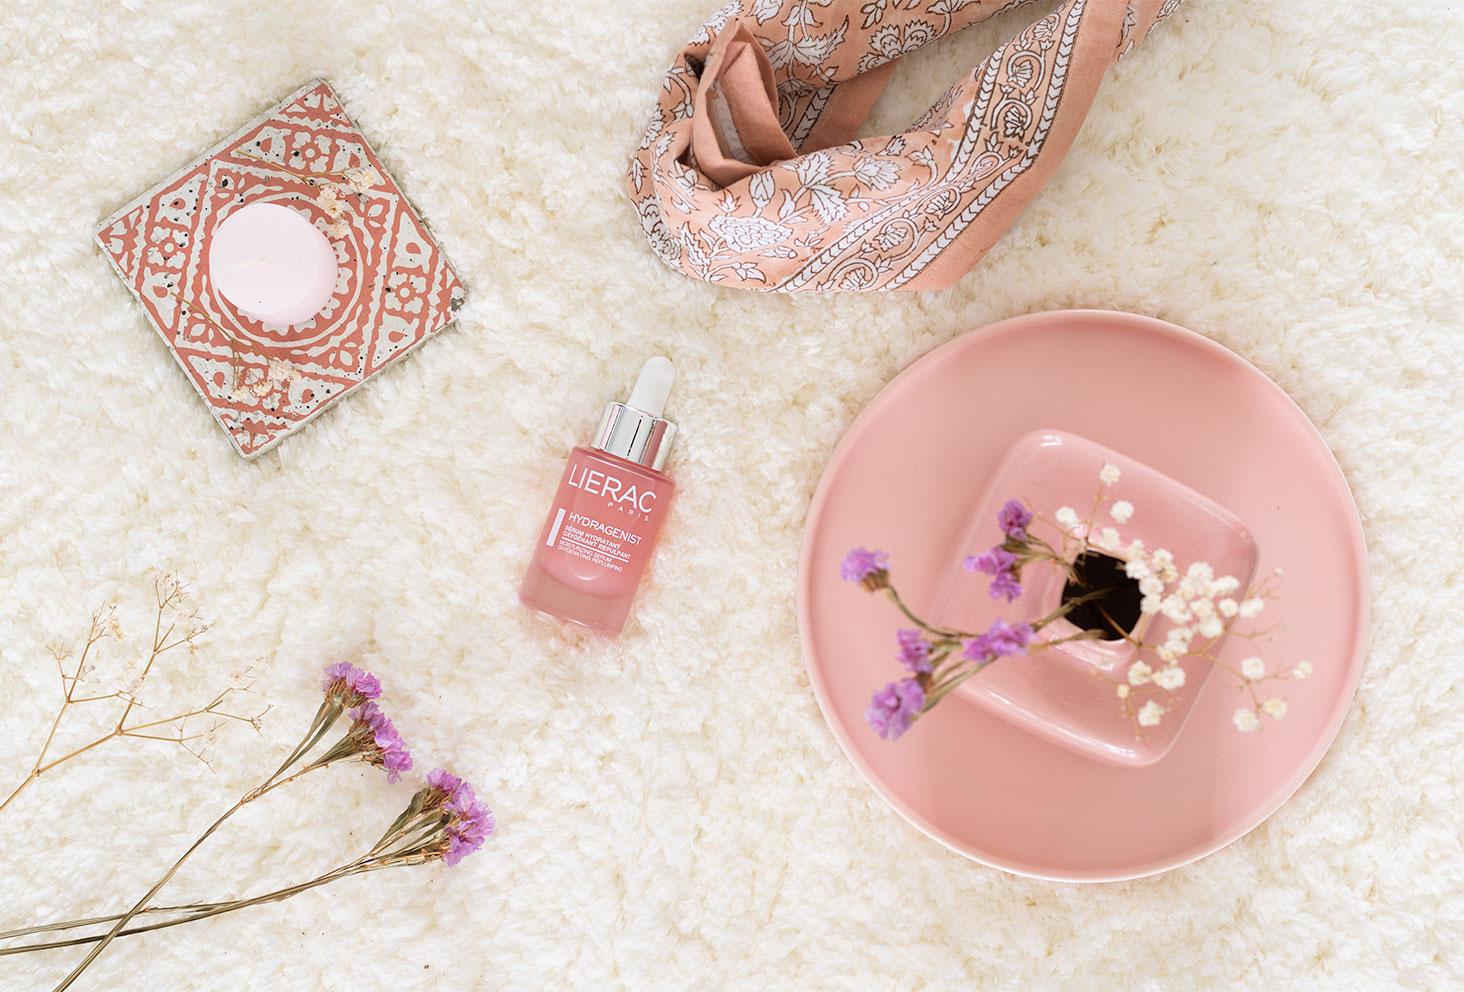 Le sérum oxygénant et hydratant de Lierac posé sur un tapis de bain en fausse fourrure blanche au milieu d'accessoires roses